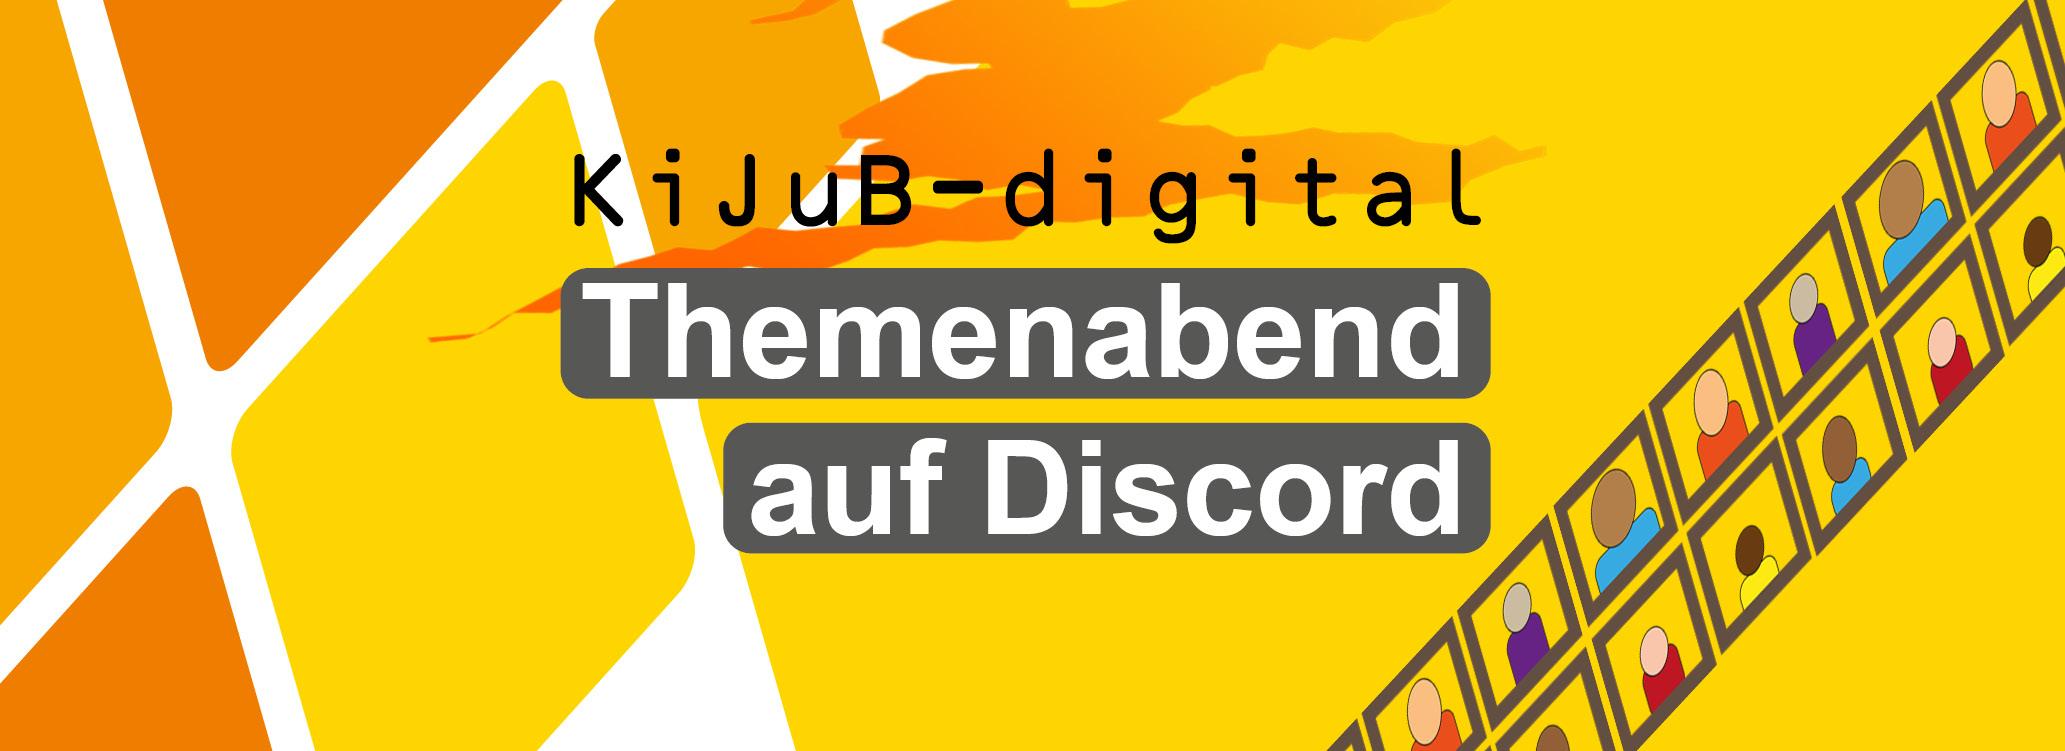 Rauten in Orangetönen, Schriftzug KiJuB-Digital Themenabend auf Discord ©Stadt Laatzen